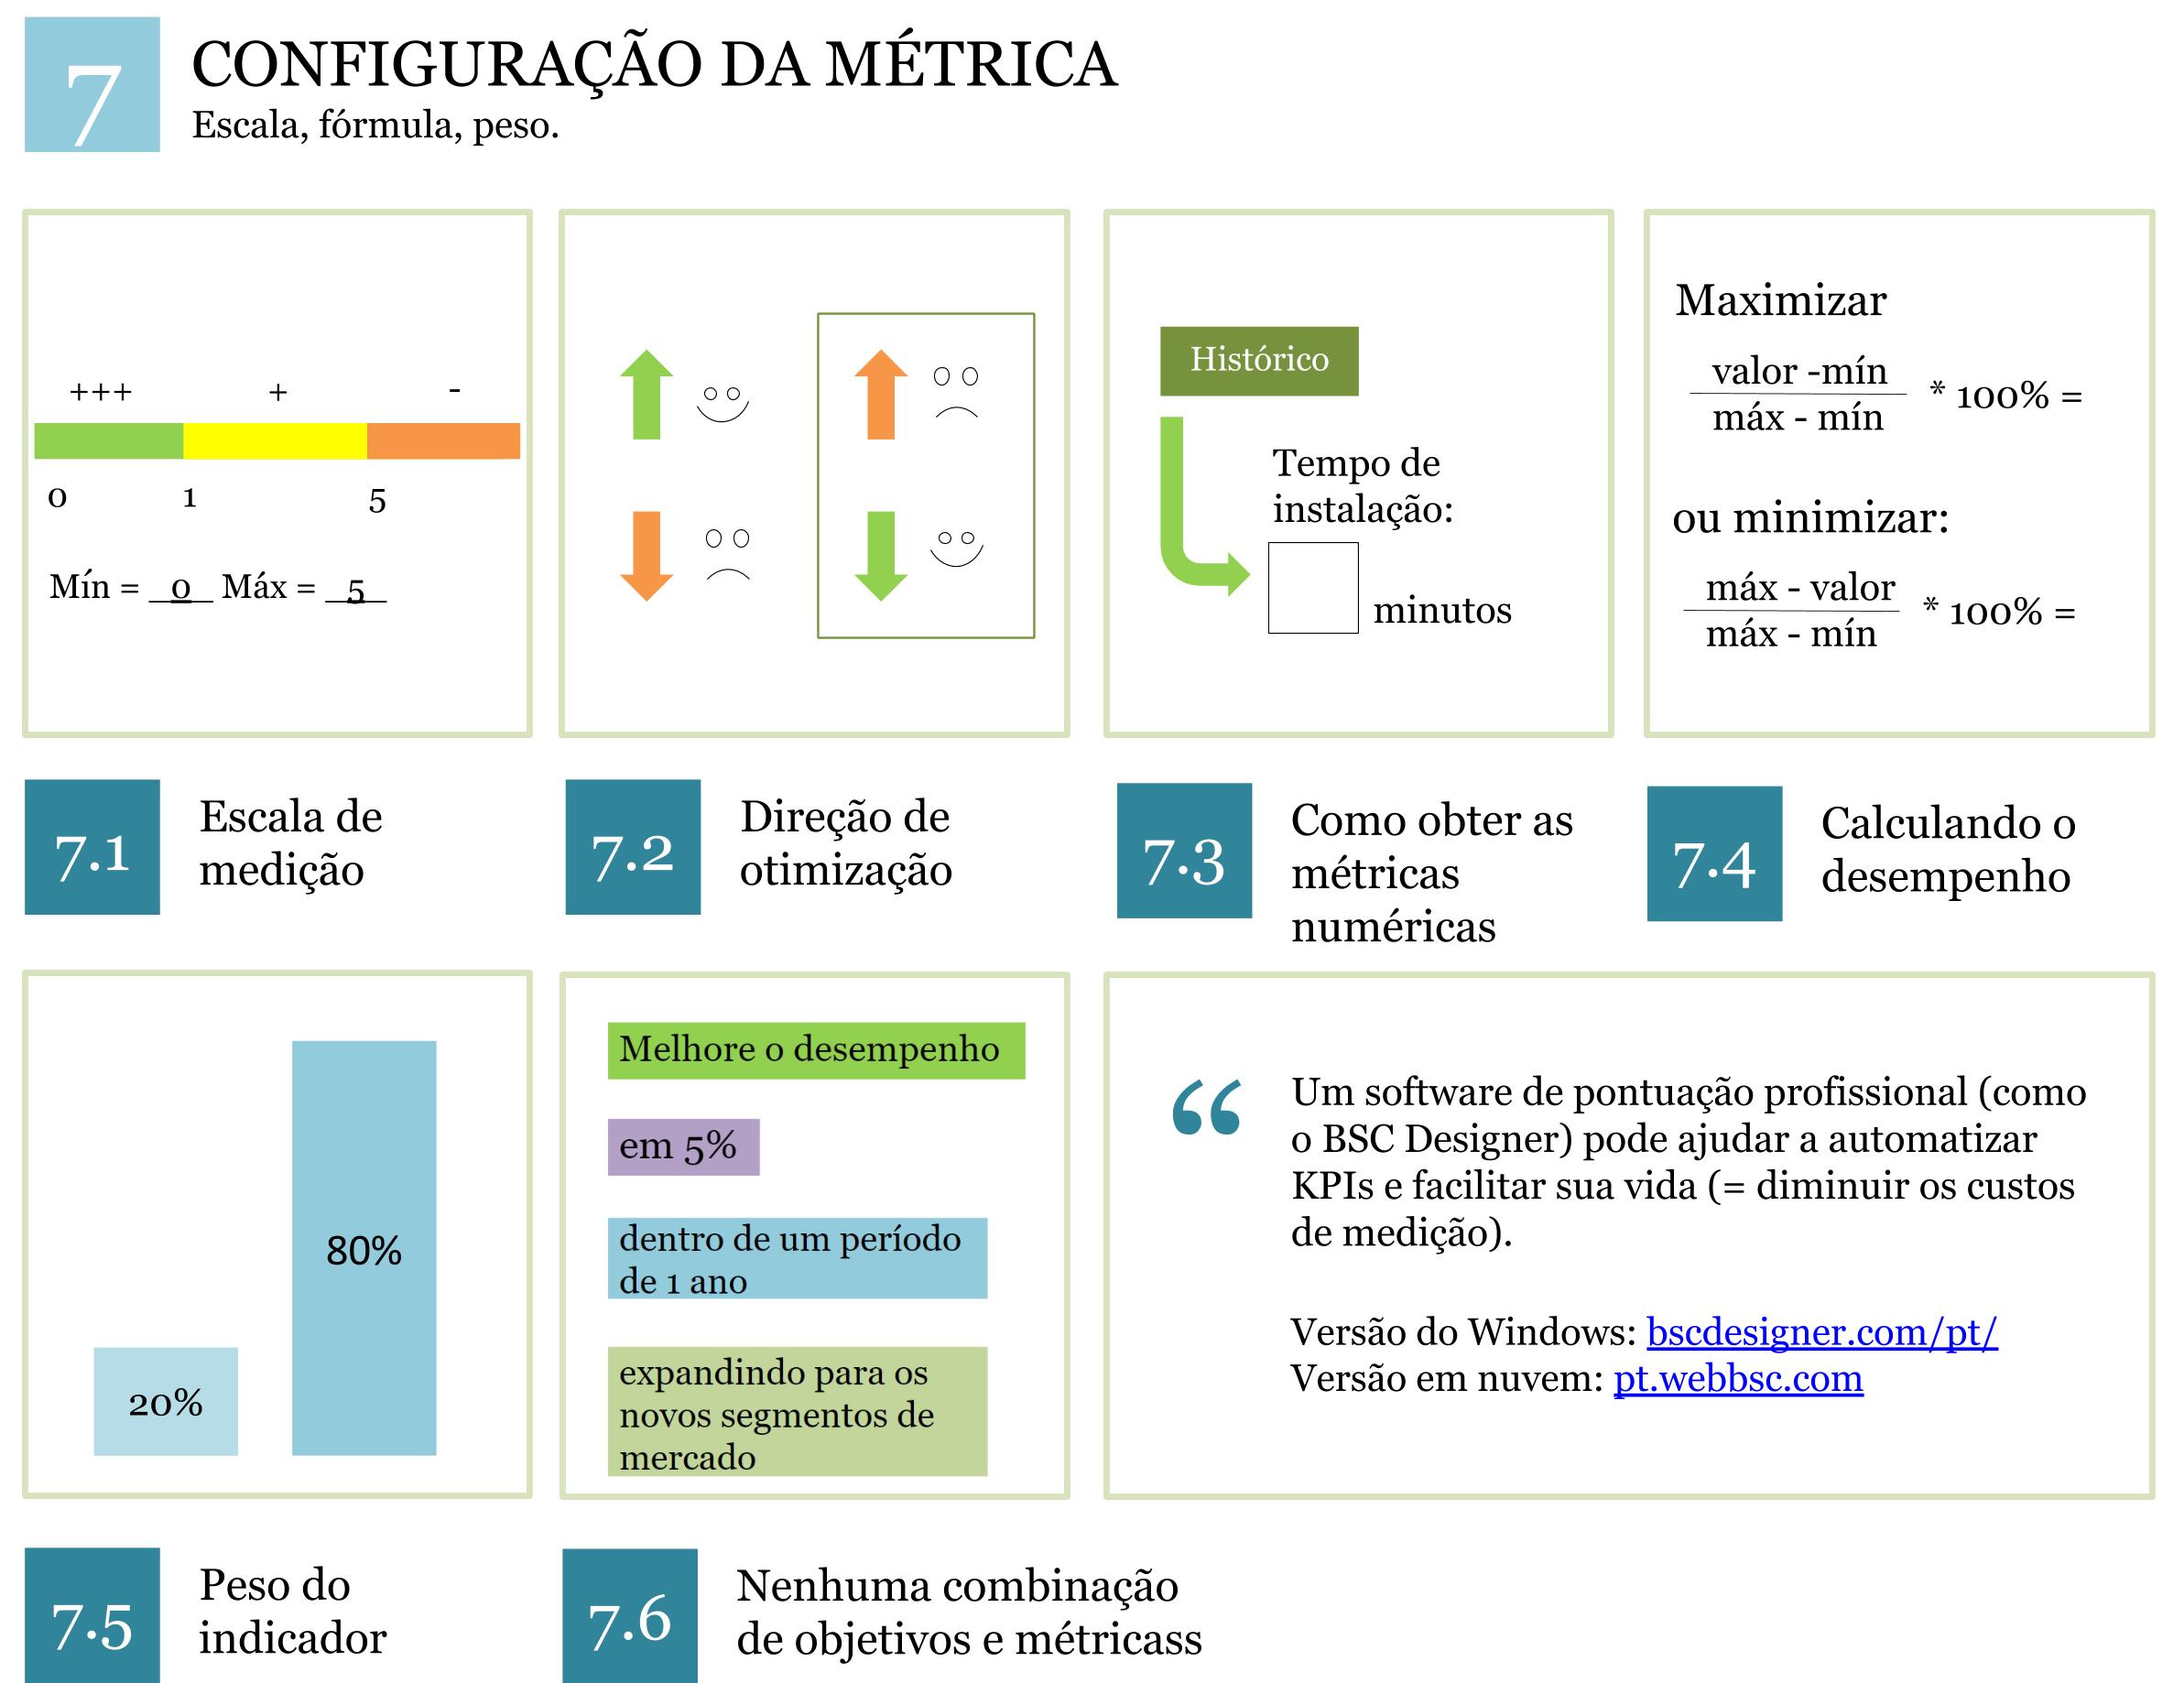 Sistema KPI de Configuração Métrica